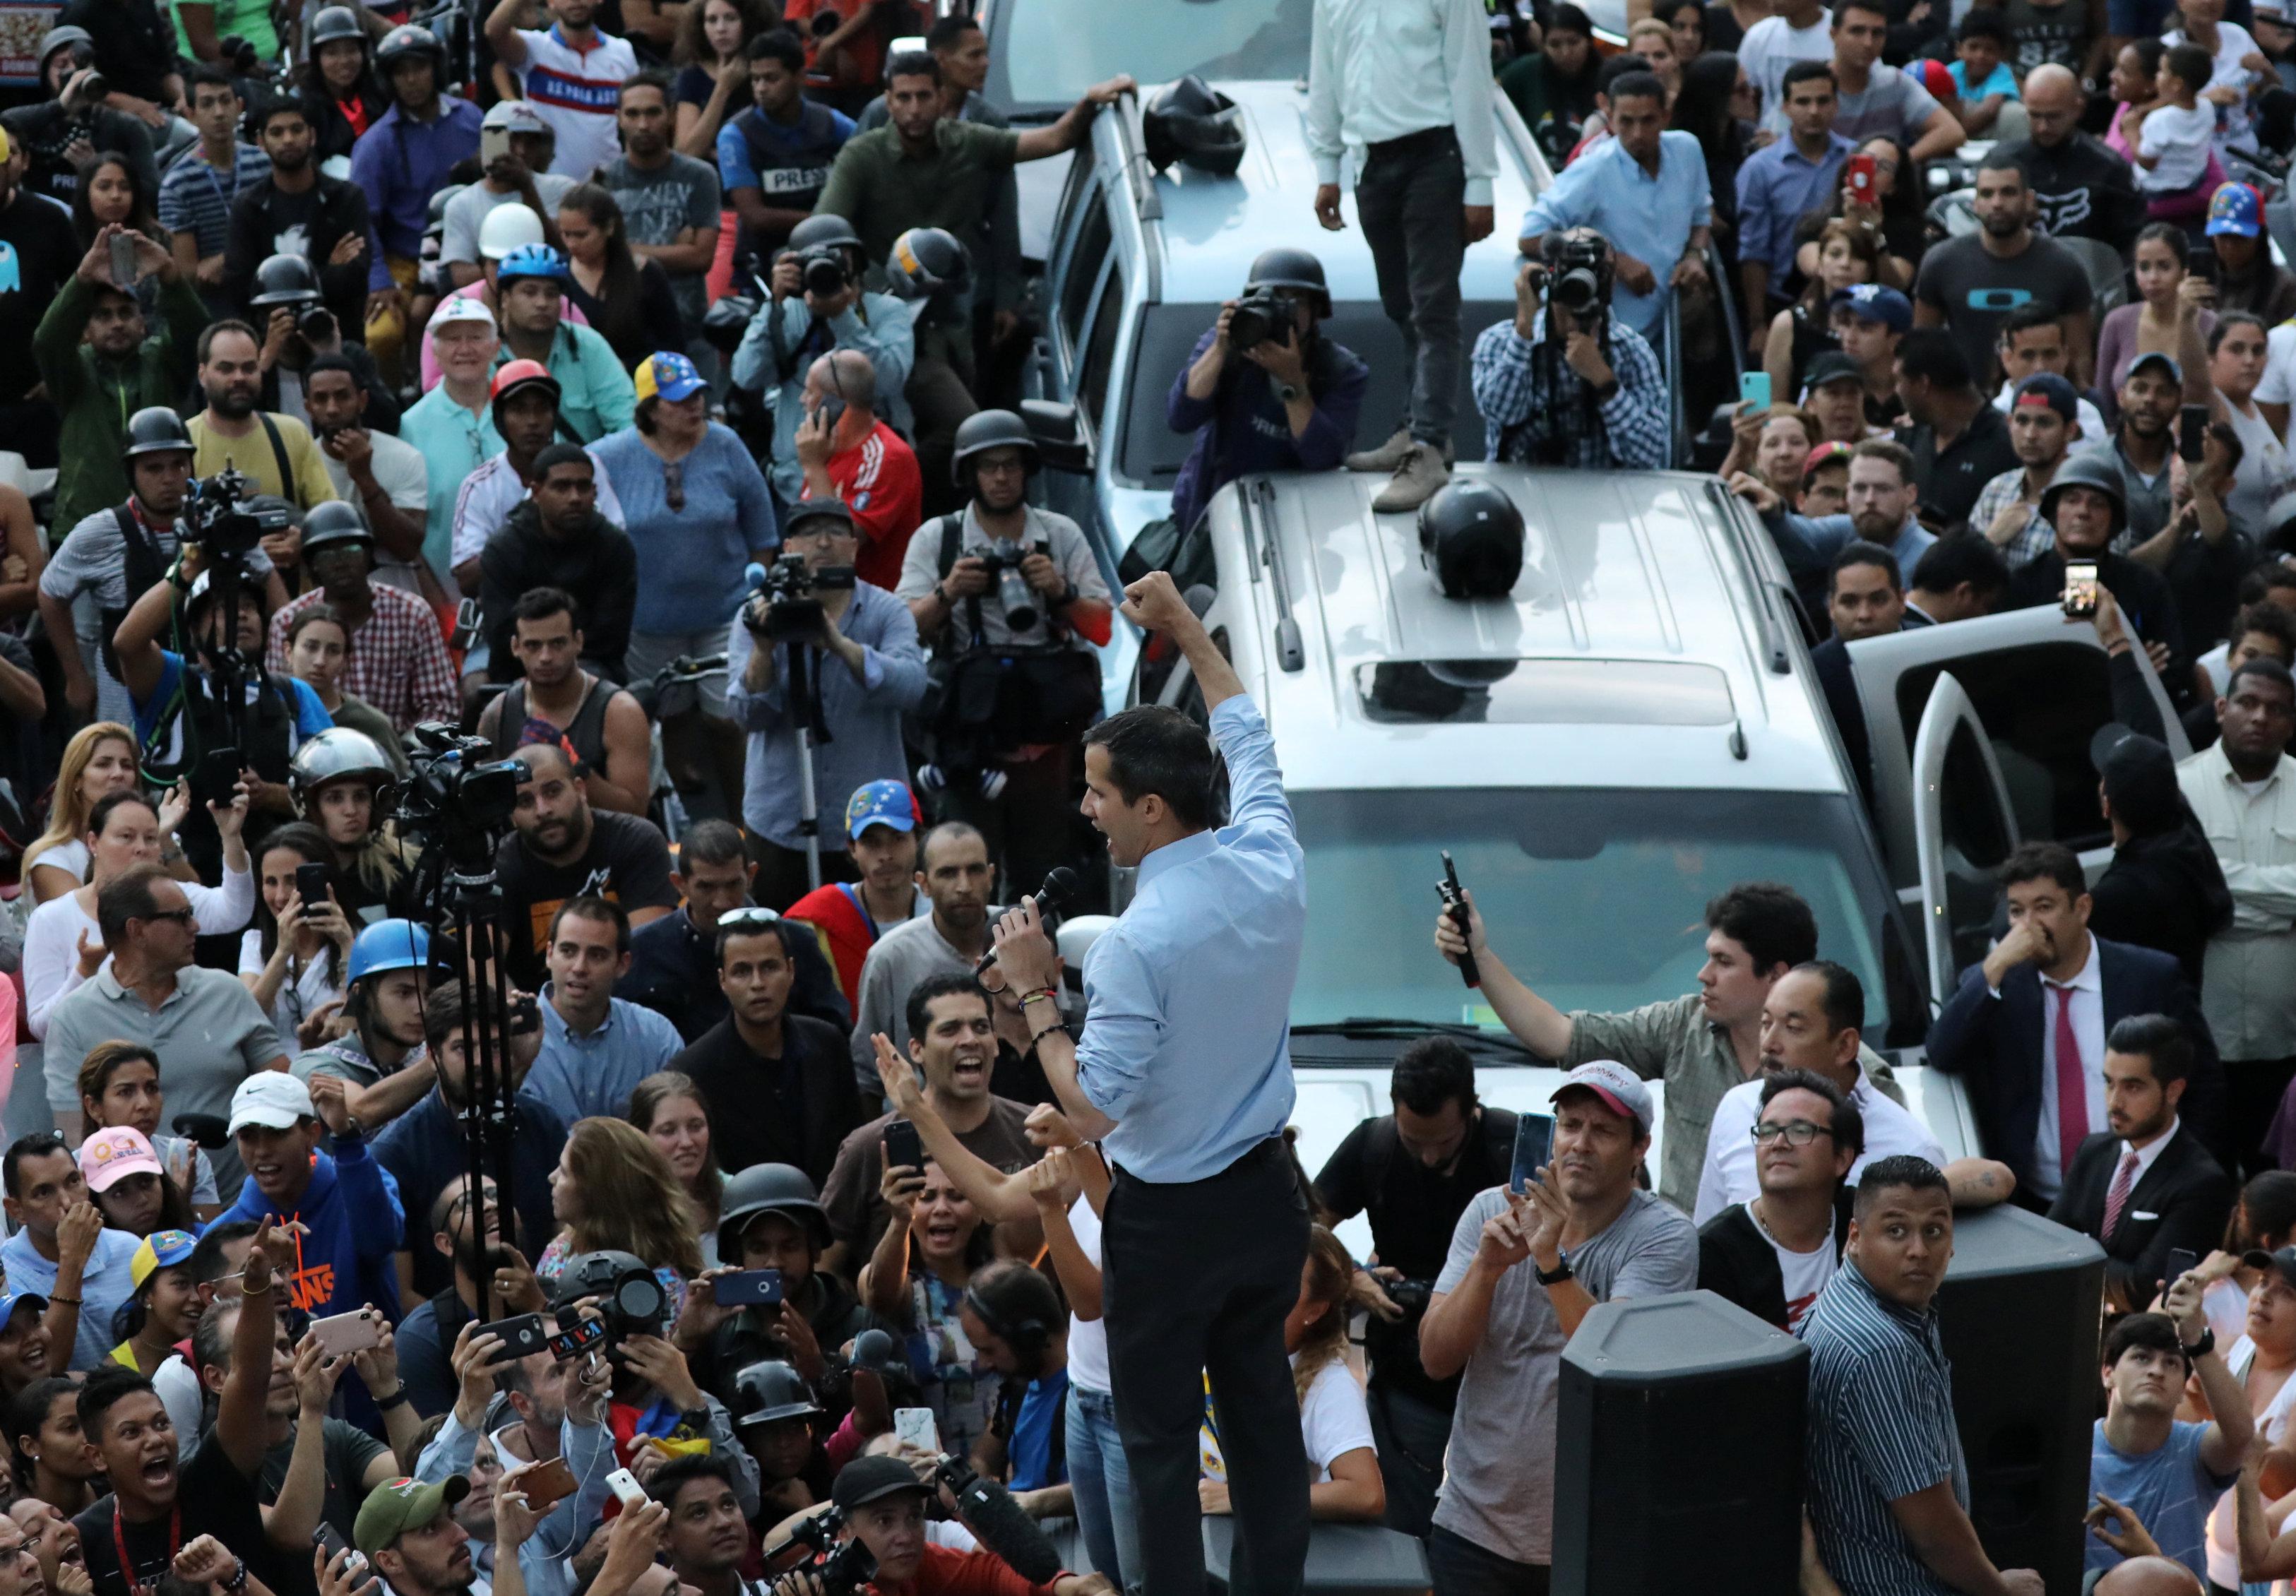 جوايدو يقف أعلى سيارة وسط مؤيديه